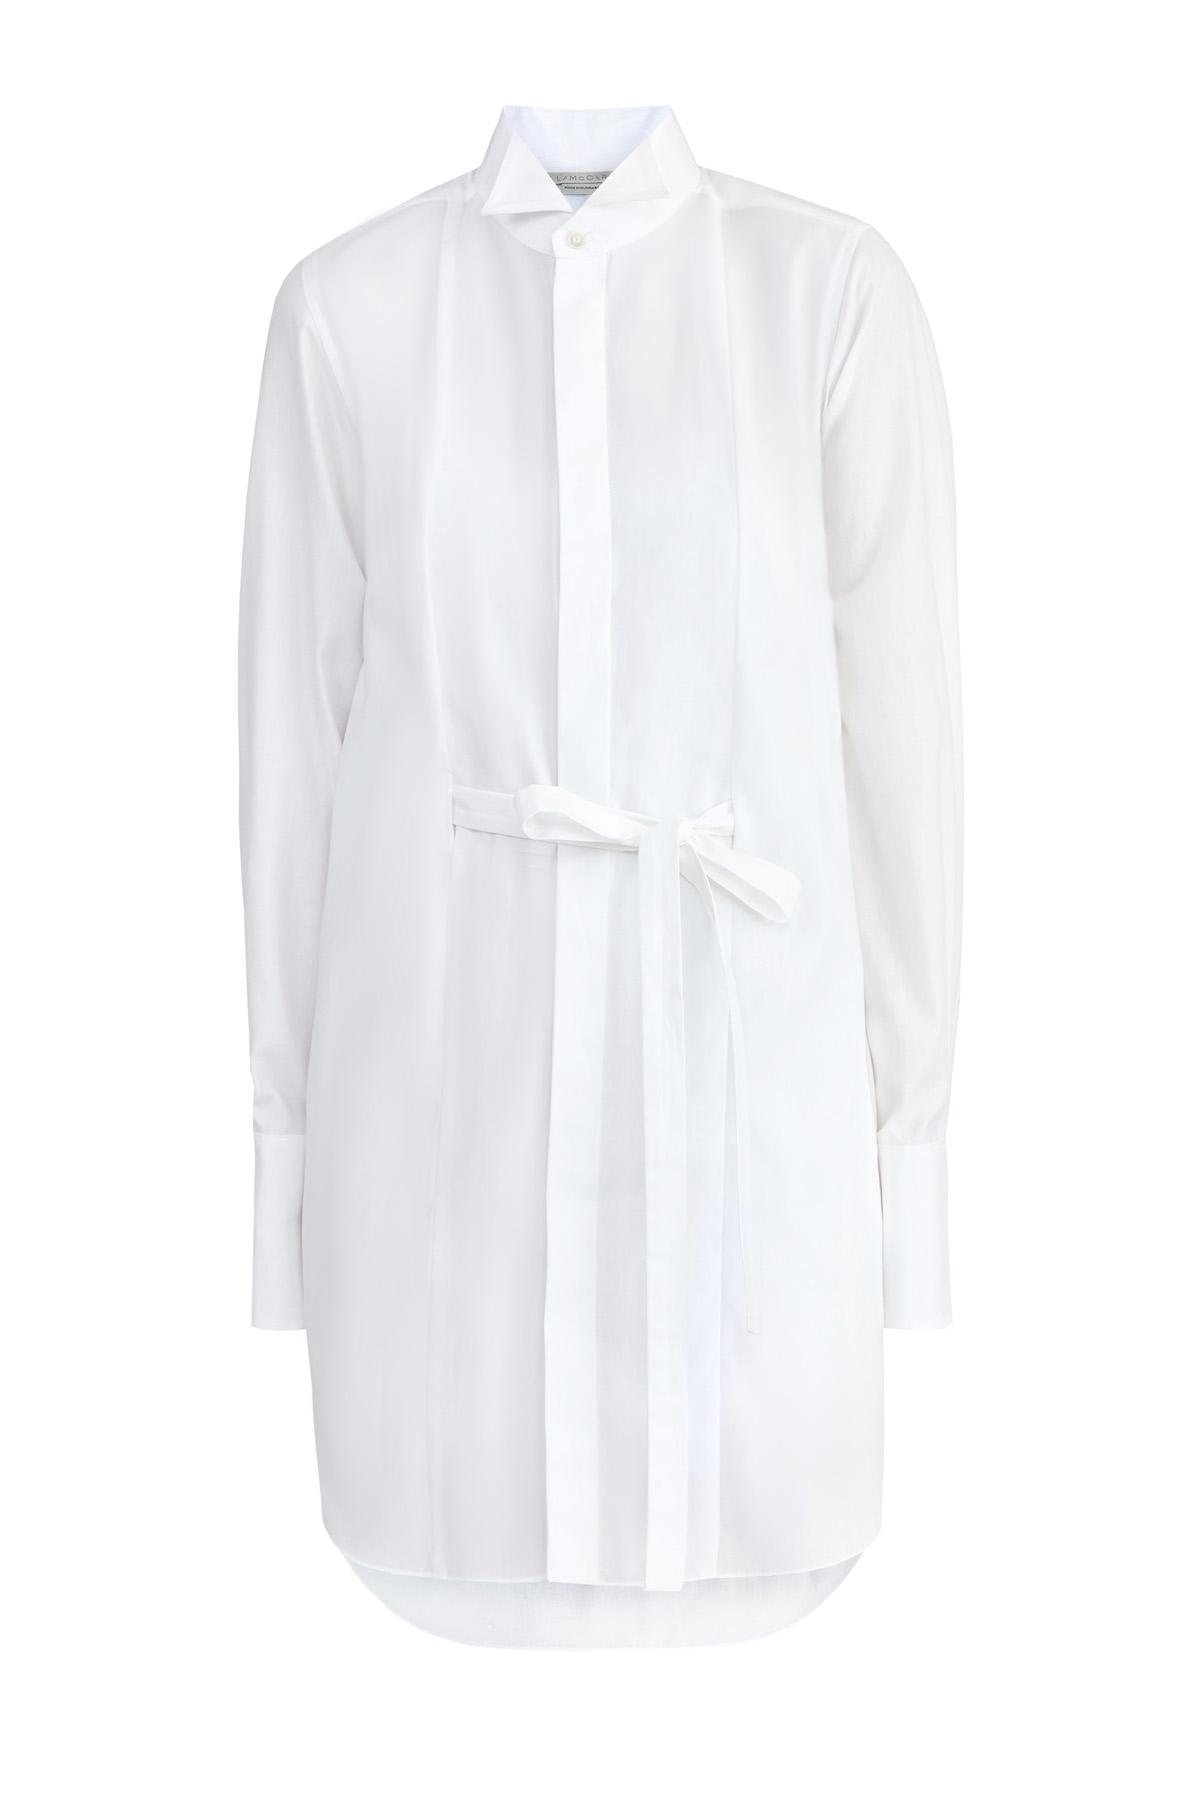 Купить Платье-рубашка с комбинацией и отделкой из кружева кроше, STELLA McCARTNEY, Великобритания, хлопок 100%